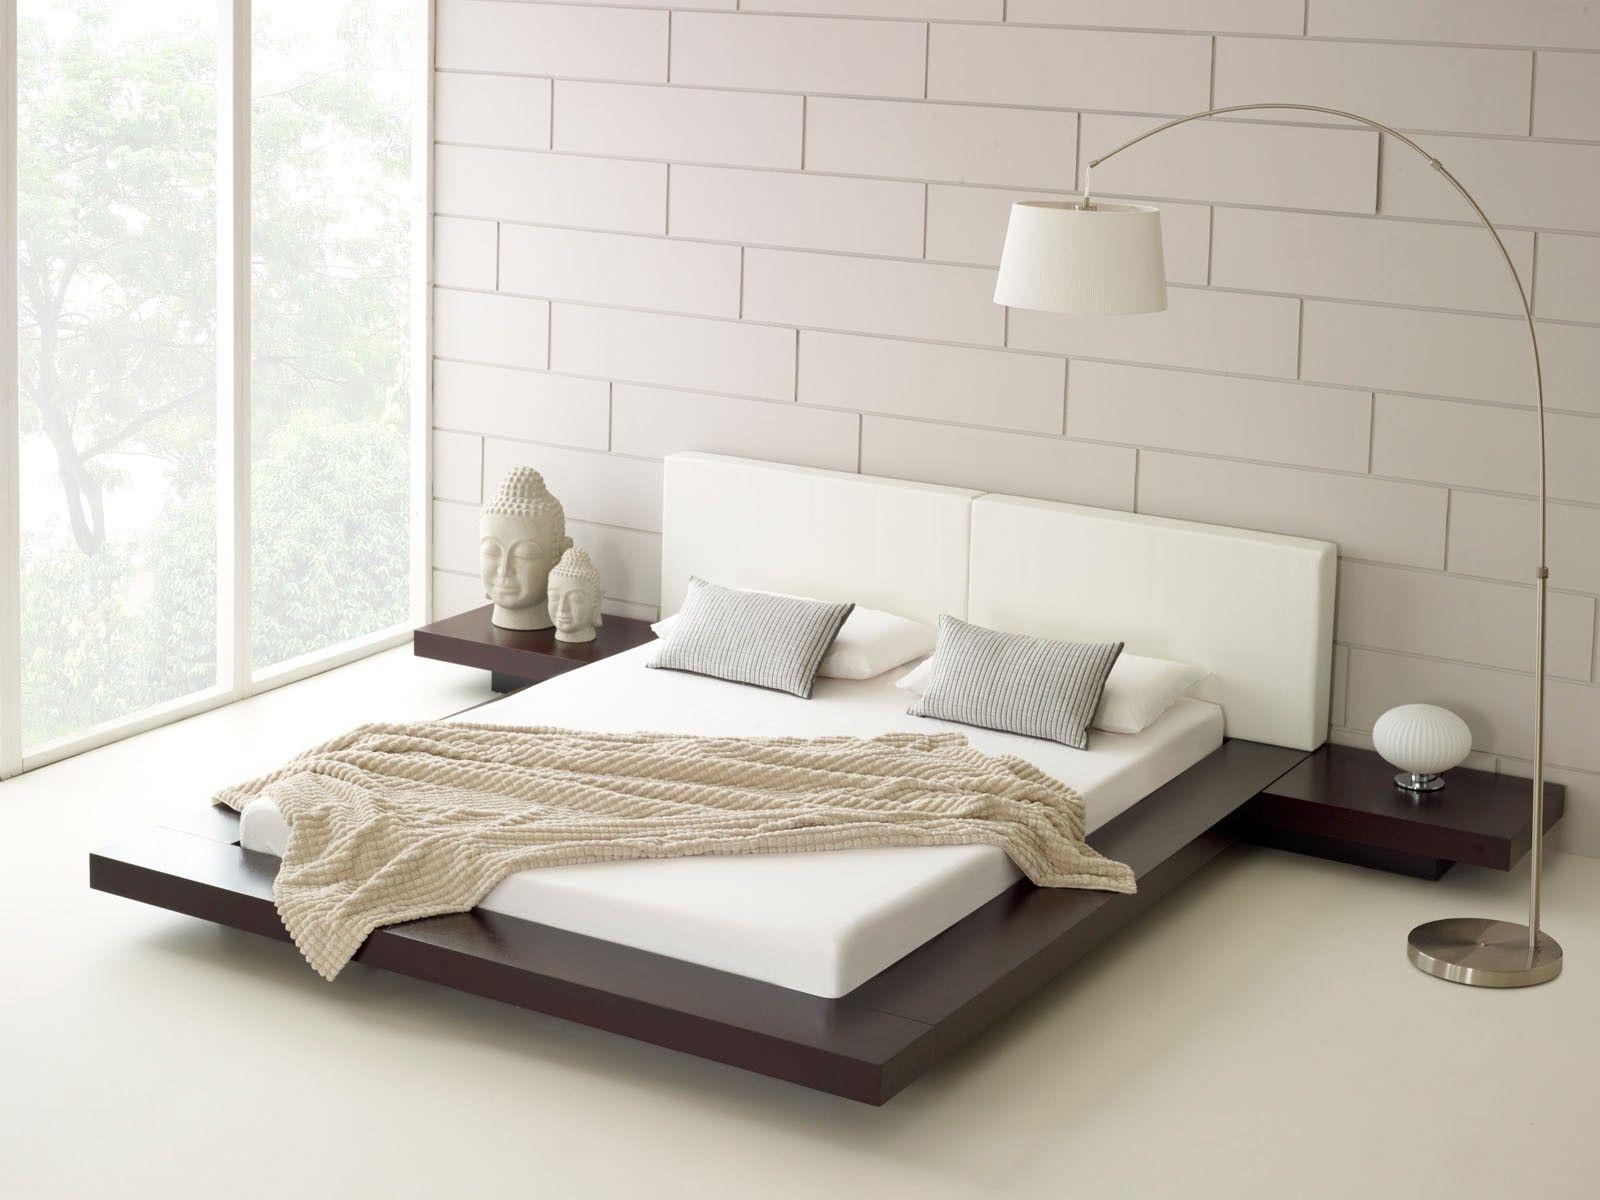 cama casal japonesa | Recamaras | Pinterest | Camas, Diseños de ...